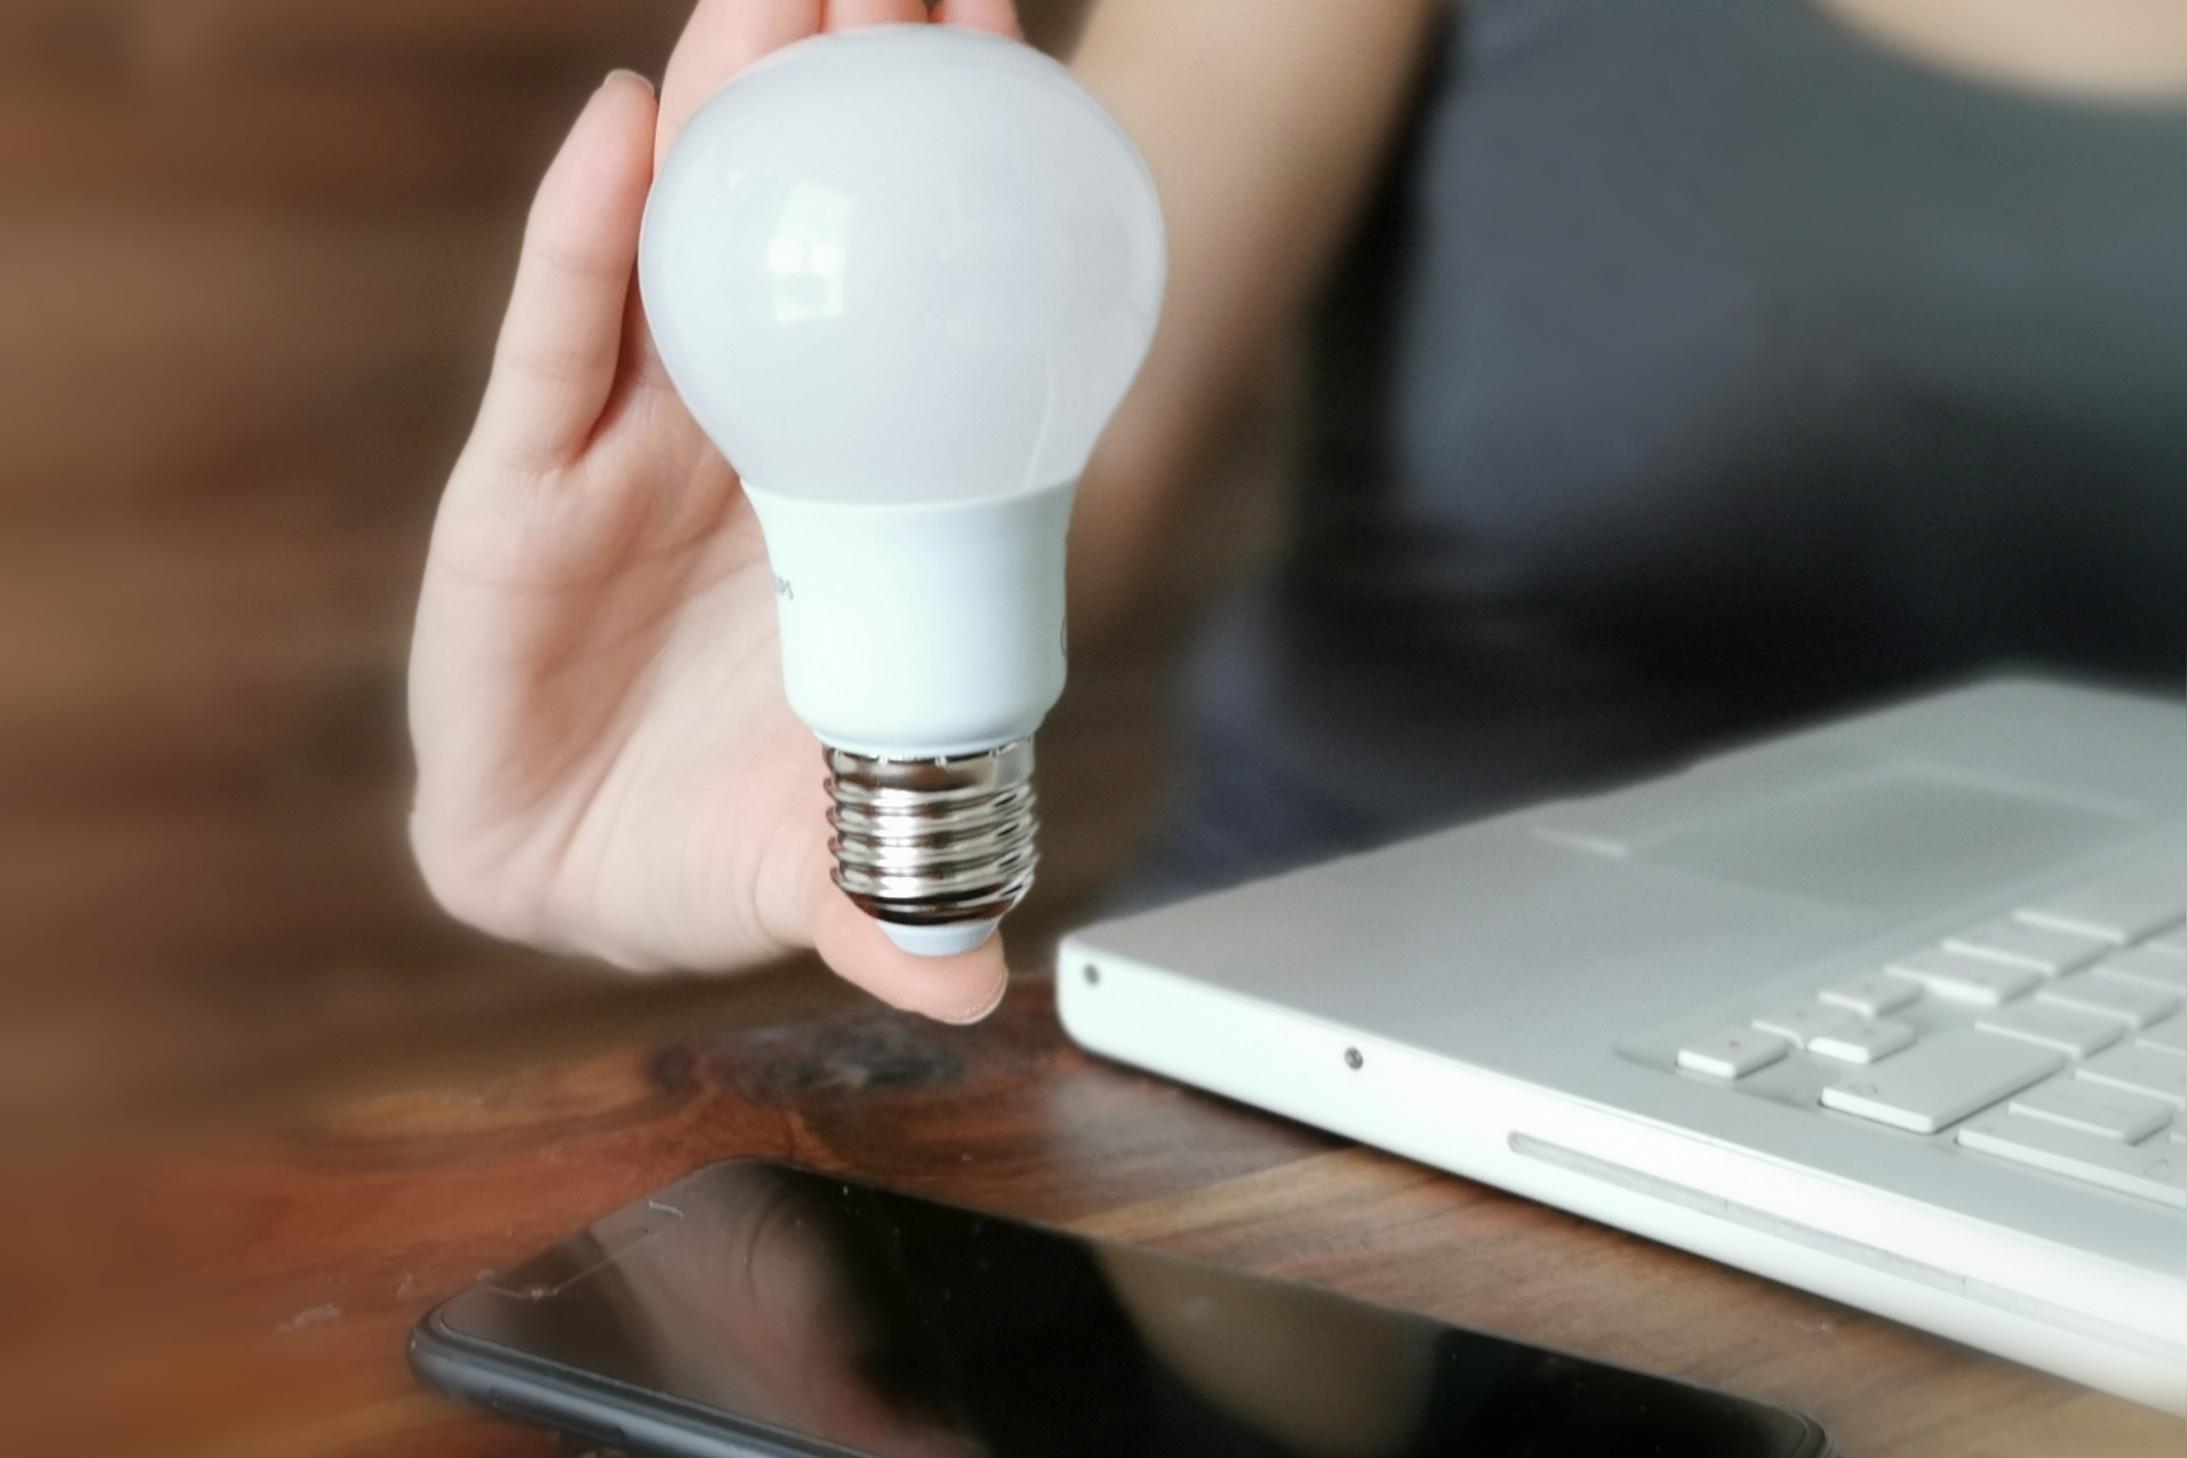 Hier werden eine Glühbirne und ein Laptop für neue Innovationen und Ideen angezeigt